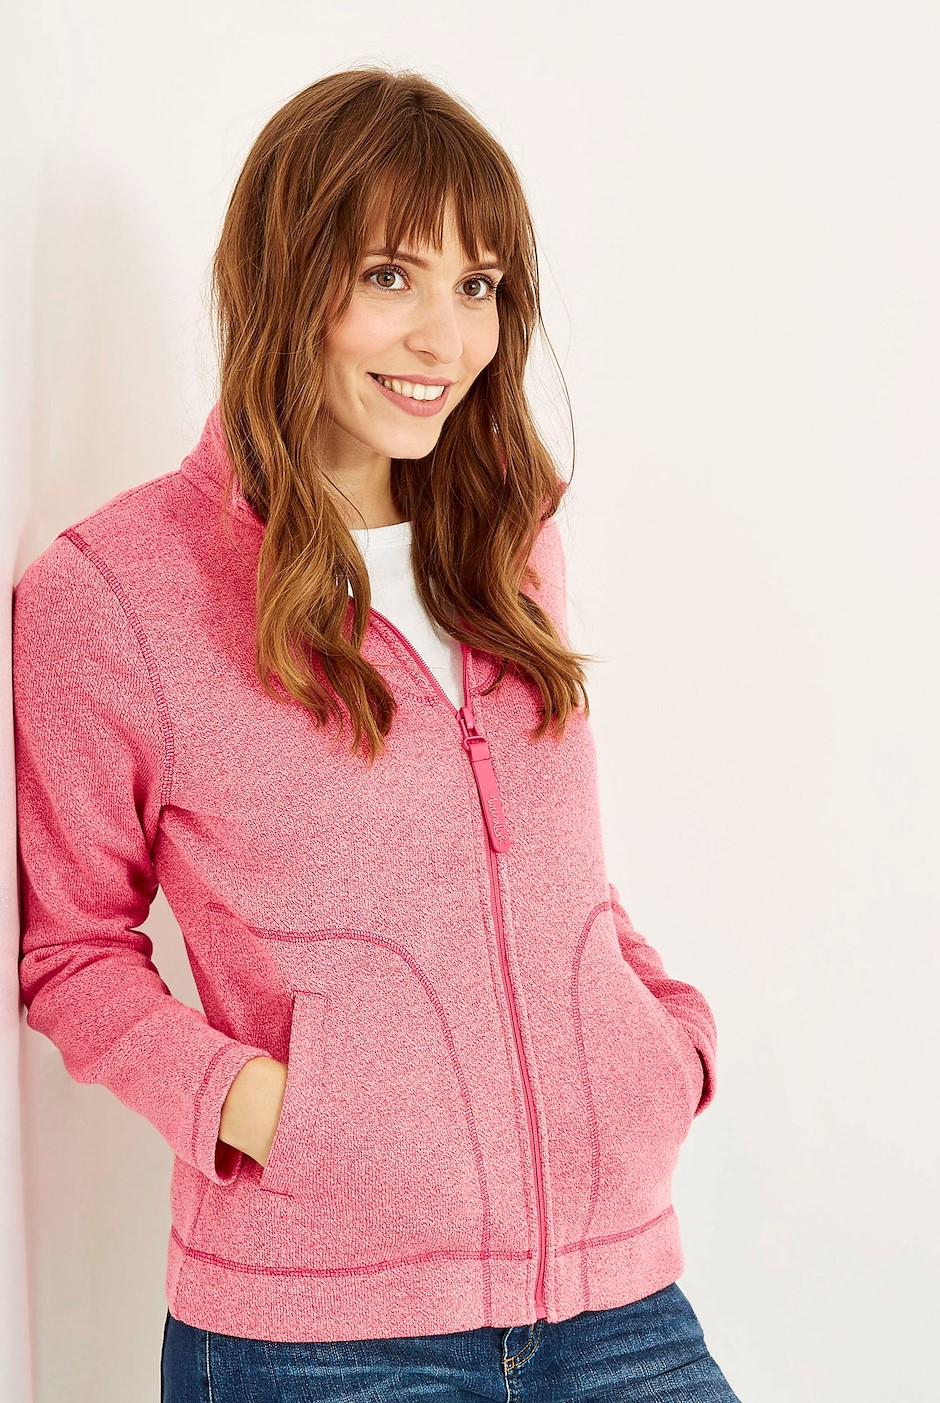 Galata Full Zip Soft Knit Fleece Hot Pink